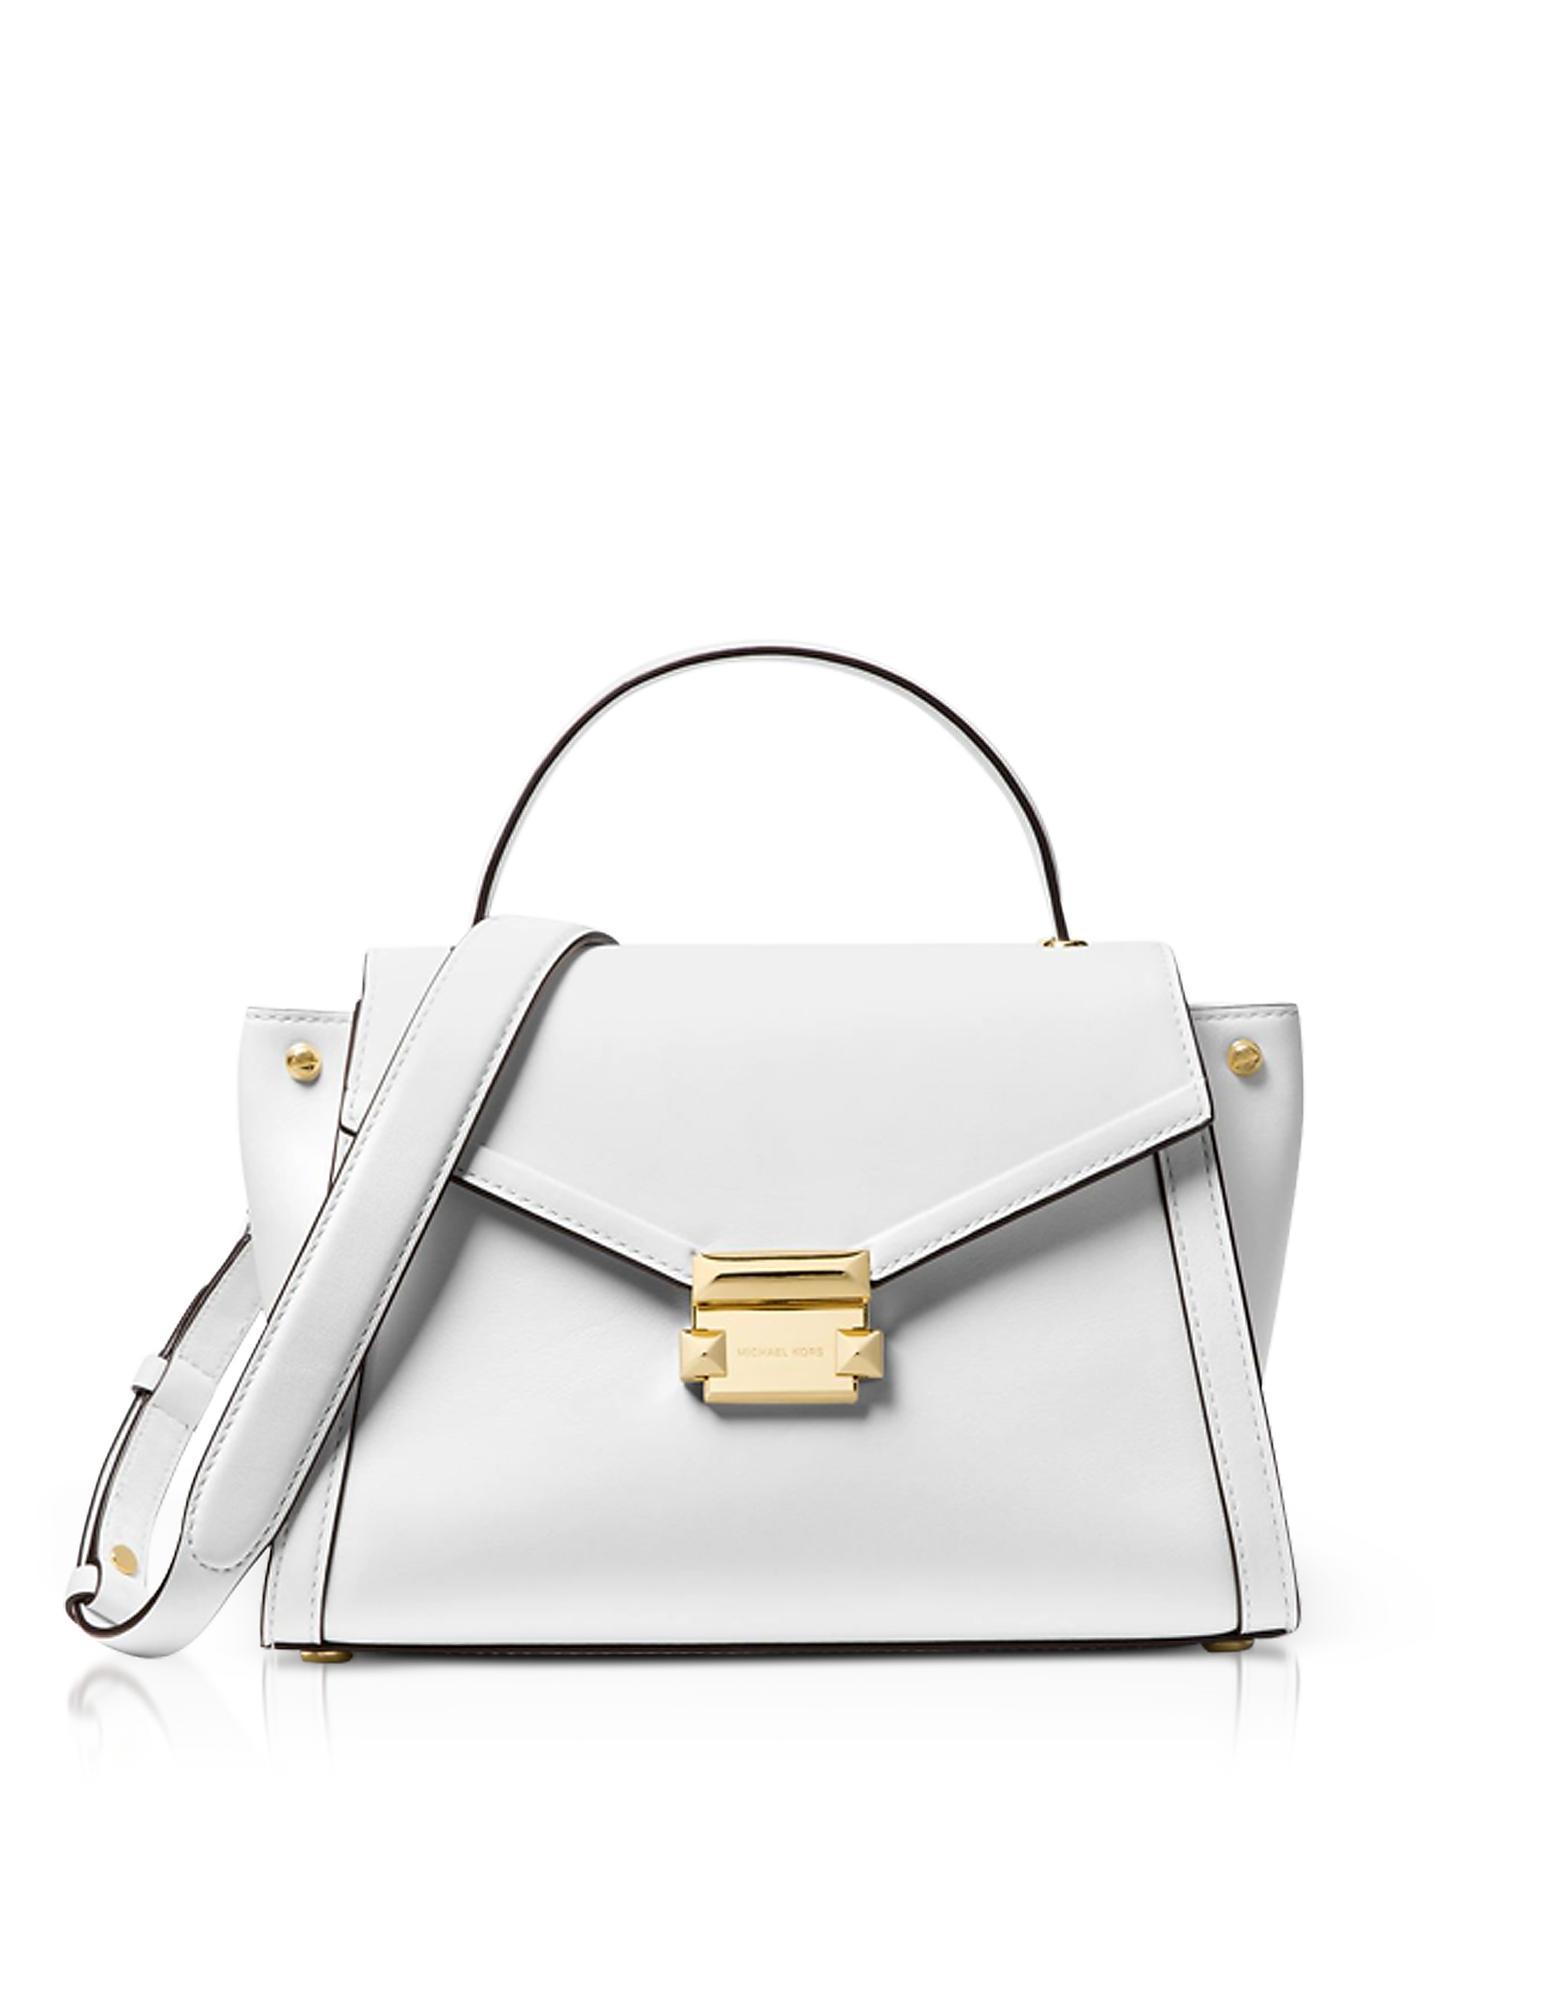 7908e30303cf Michael Kors Whitney Medium Leather Satchel In Optic White | ModeSens